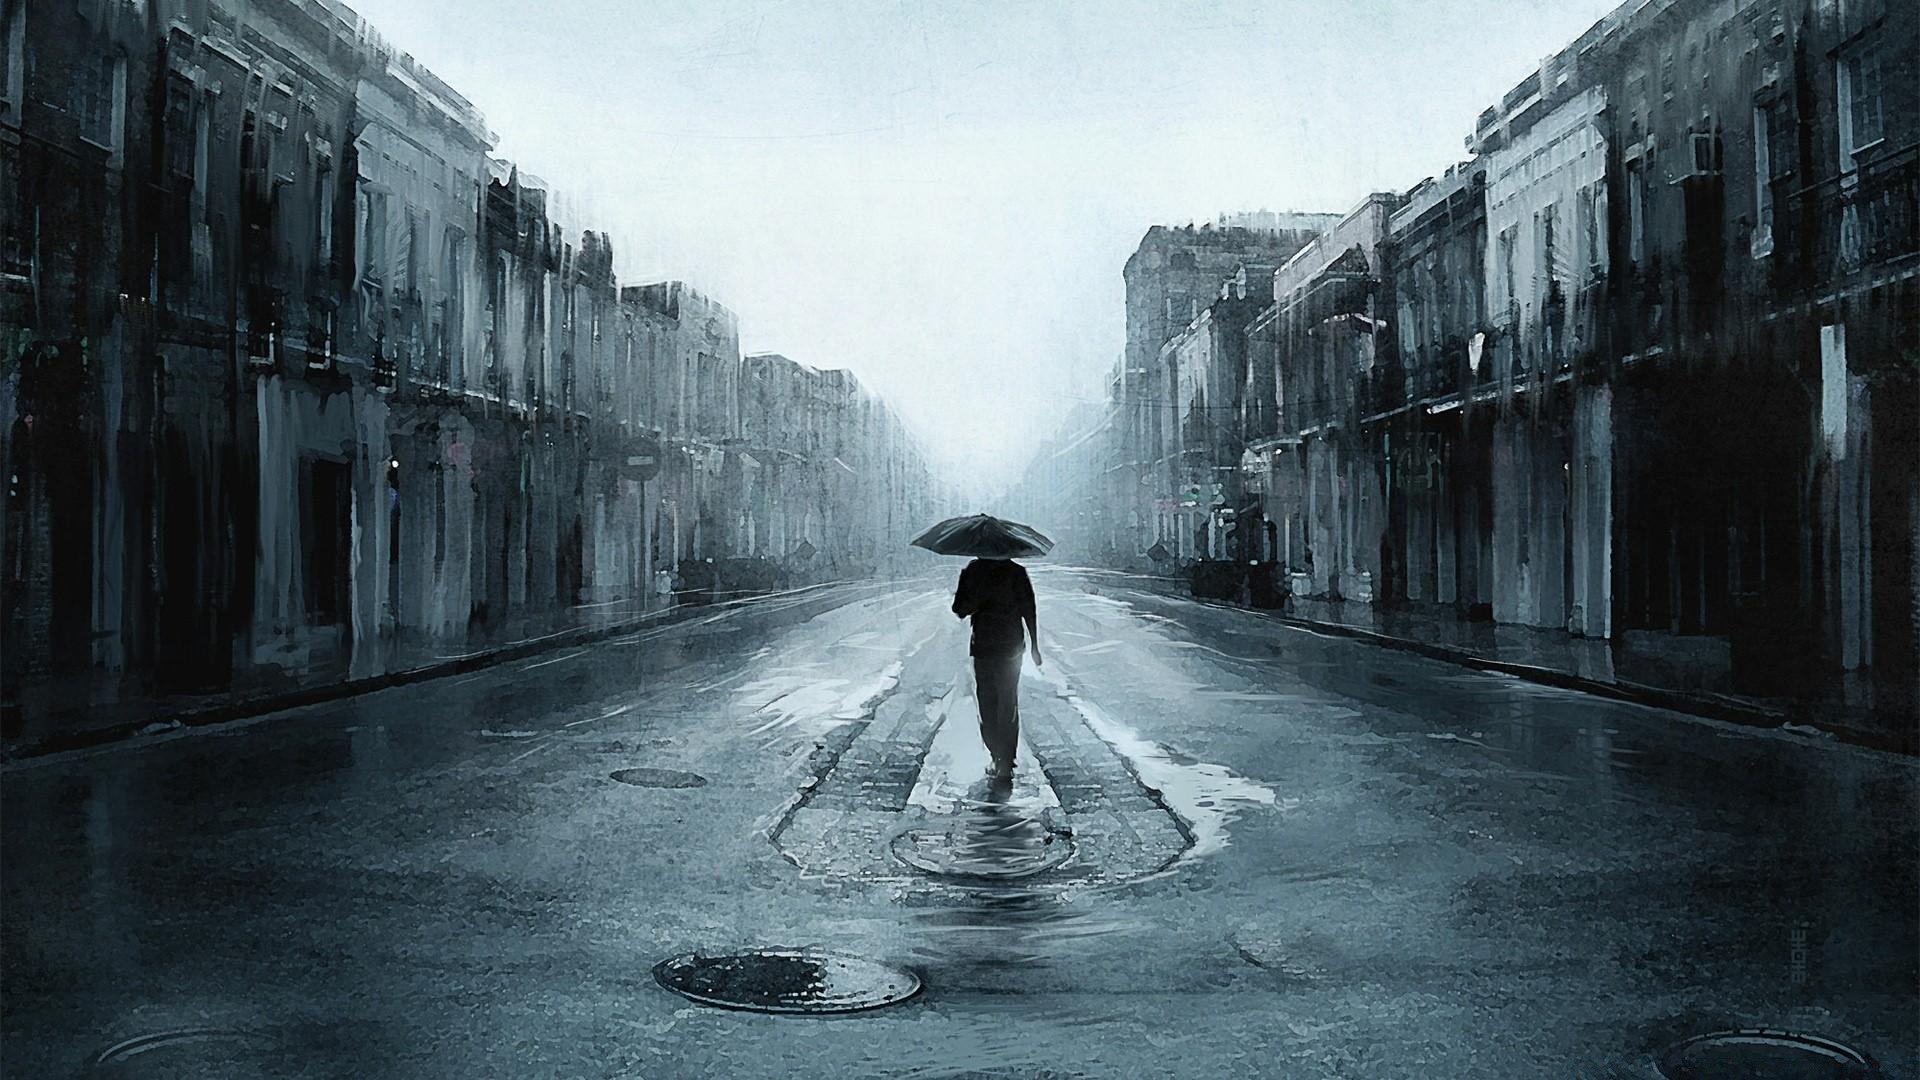 картинки на аву дождь силы блеска локонов